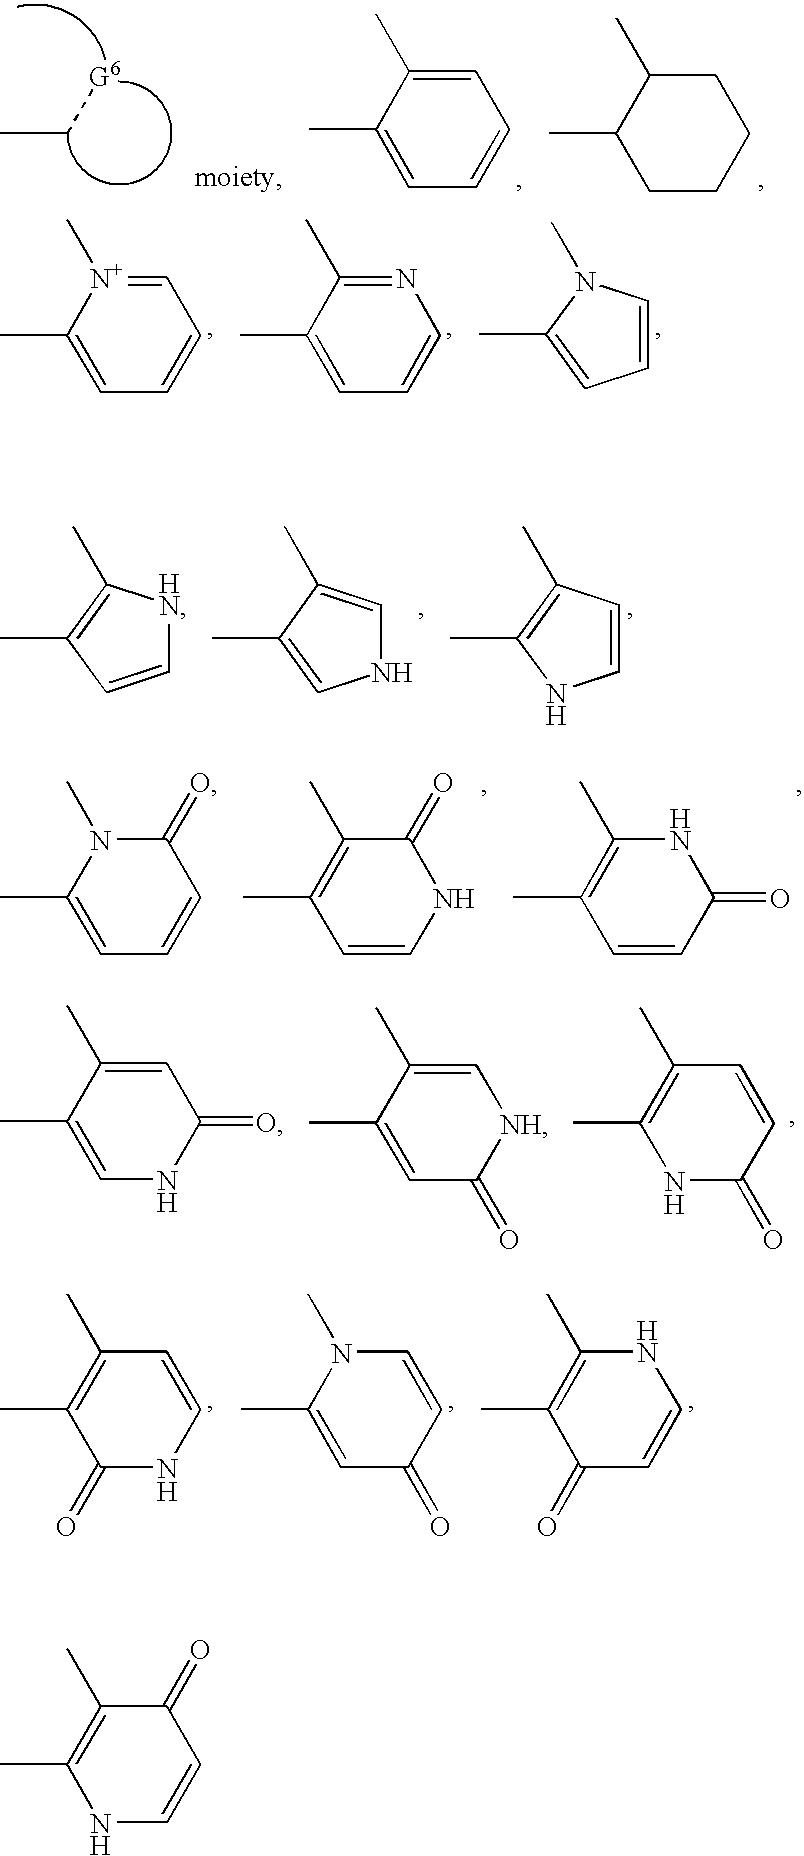 Figure US20070049593A1-20070301-C00050